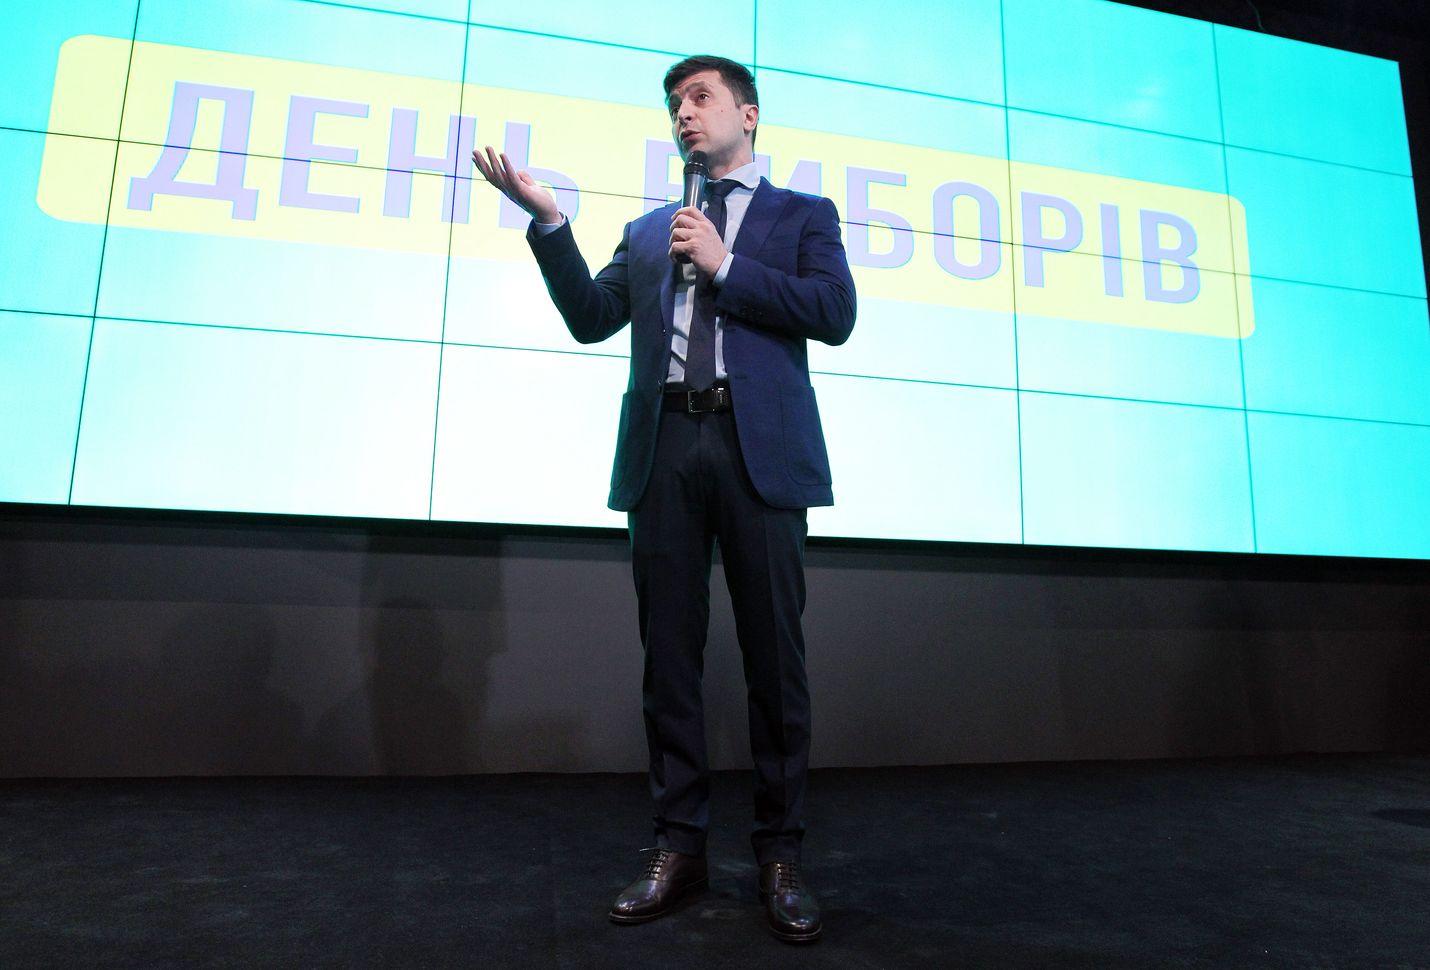 Volodymyr Zelenskyi puhui vaalivalvojaisissaan ovensuukyselyiden luvattua hänelle selvän vaalivoiton sunnuntai-iltana Kiovassa.